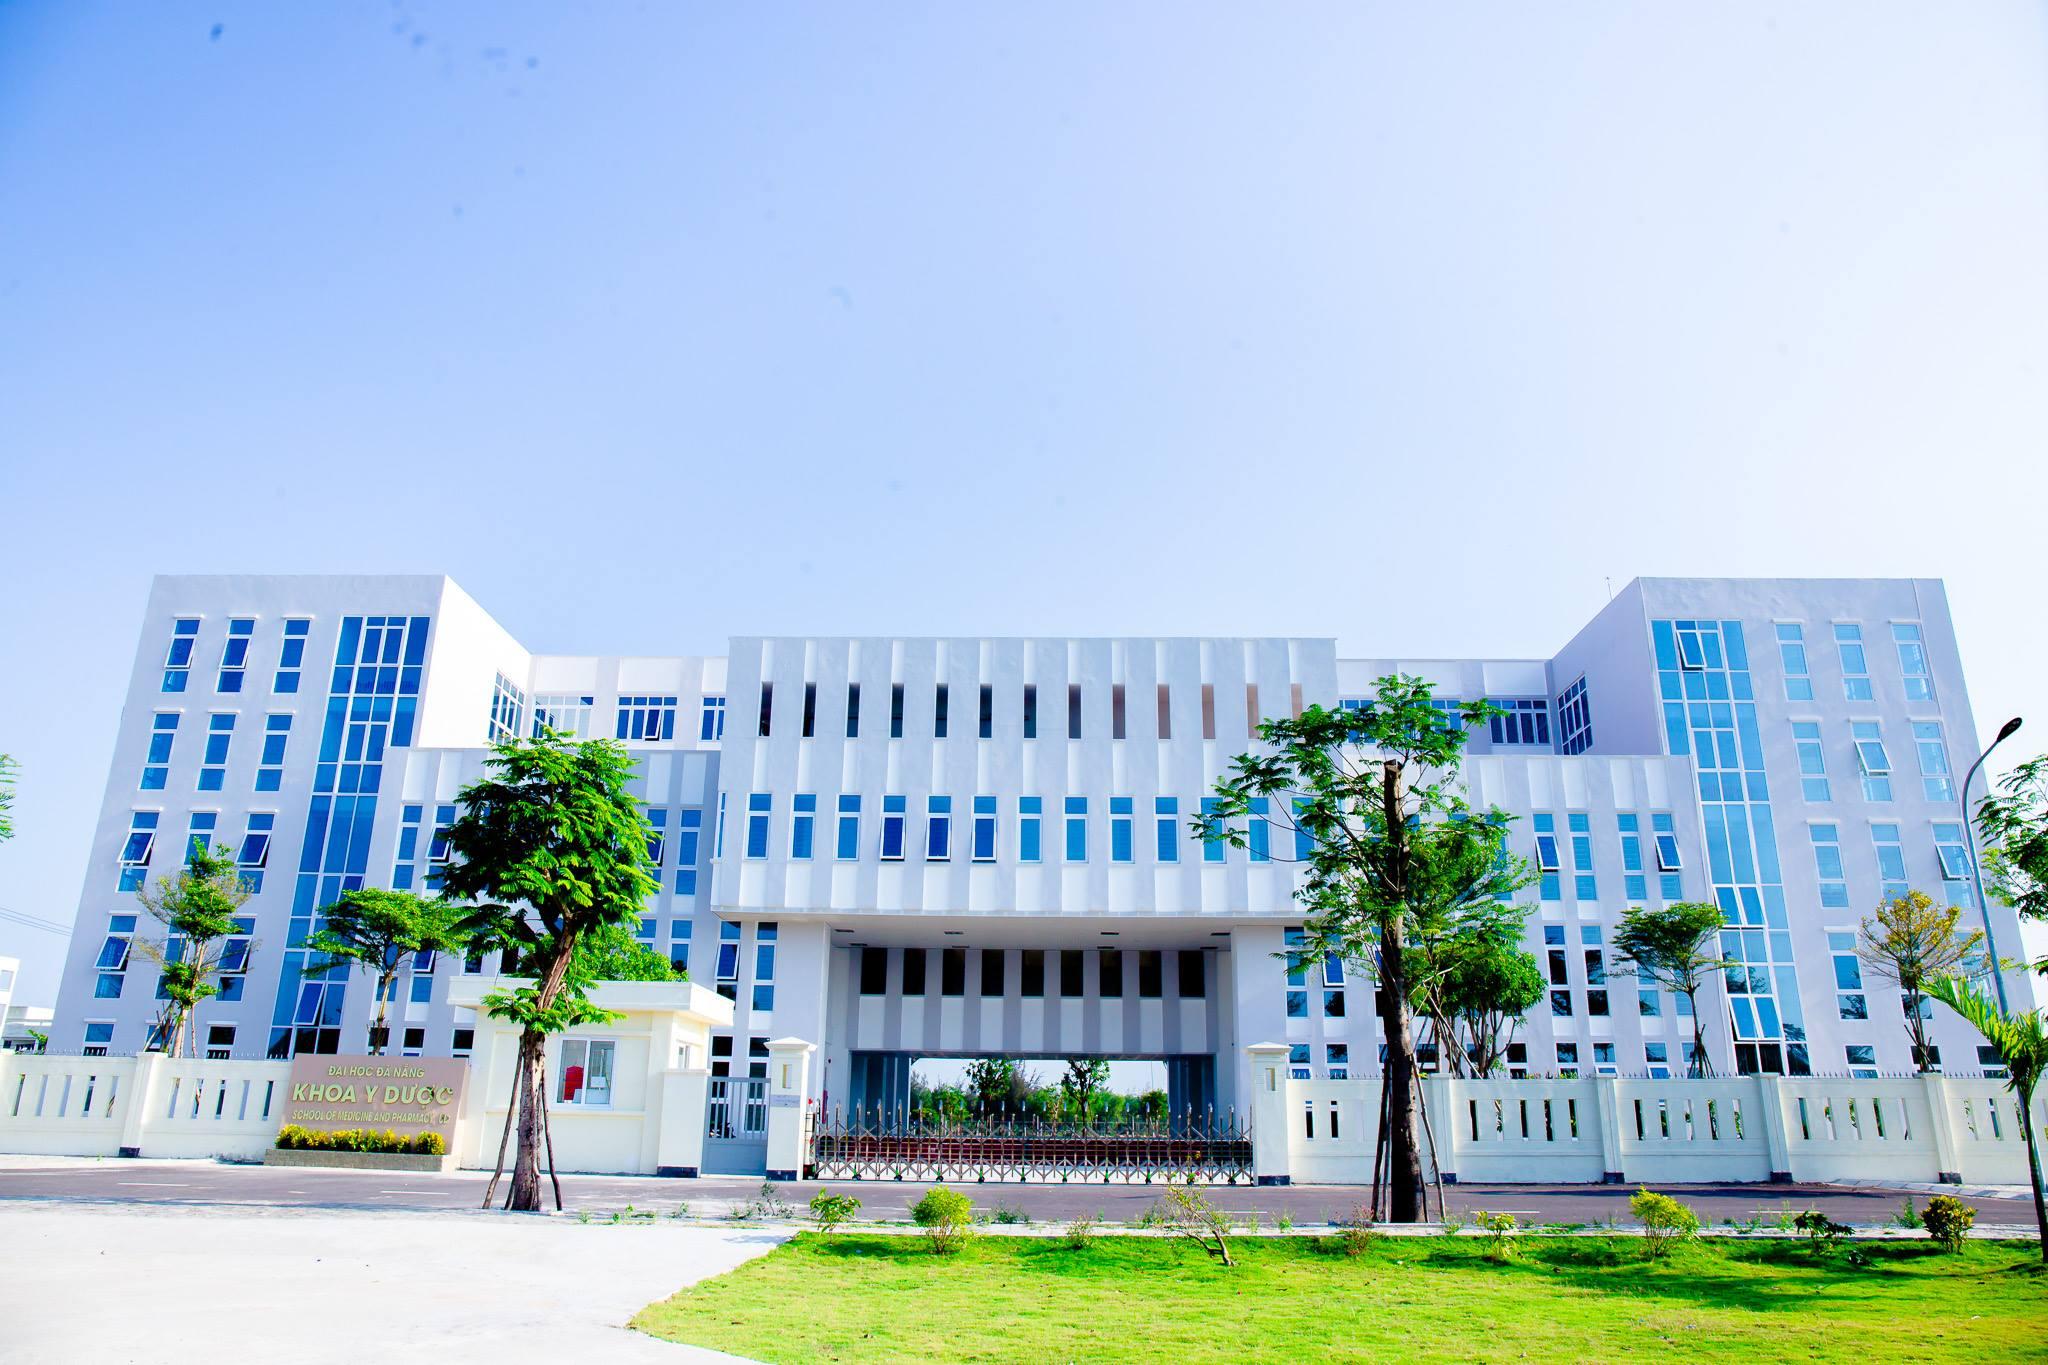 Thông tin tuyển sinh khoa Y dược - ĐH Đà Nẵng 2018